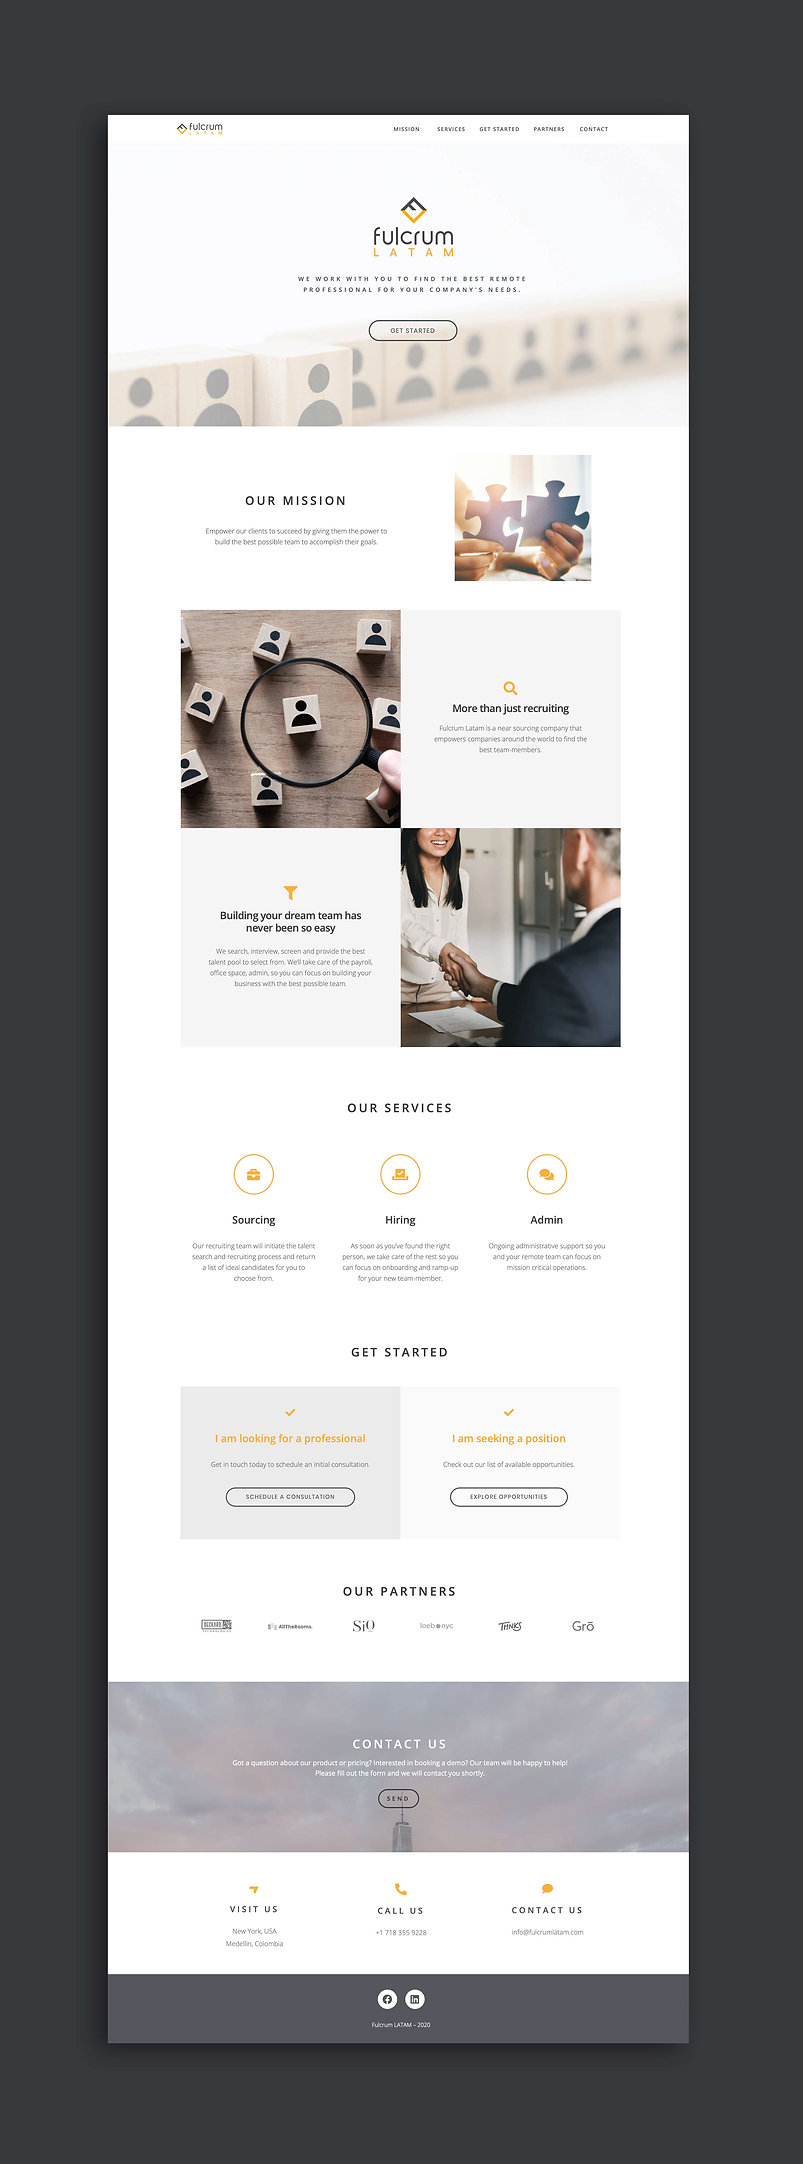 Fulcrum latam Website UI design